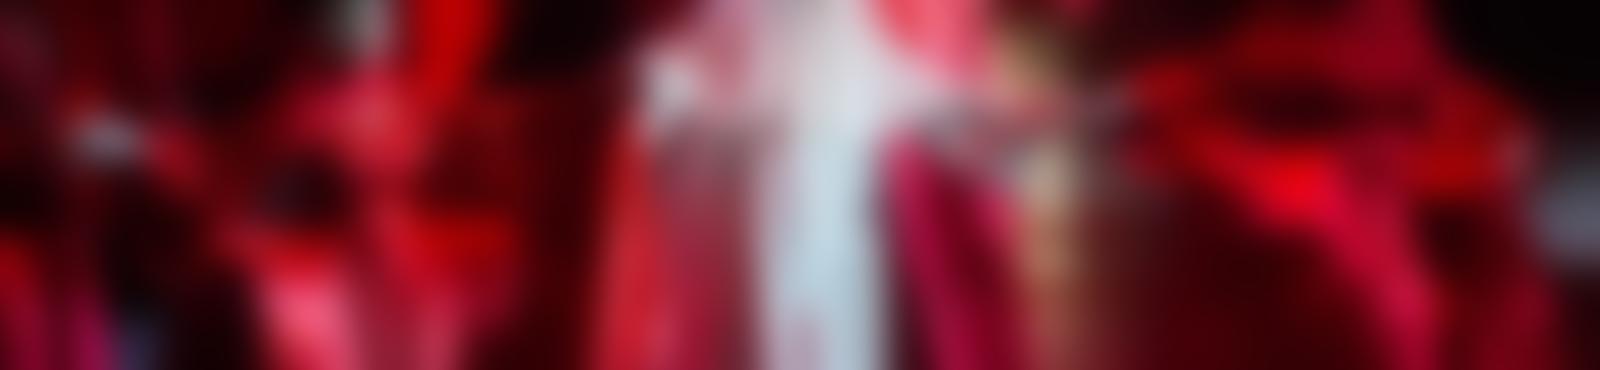 Blurred a5c7ef4a 7db8 49bf 8128 70e532bb0e22